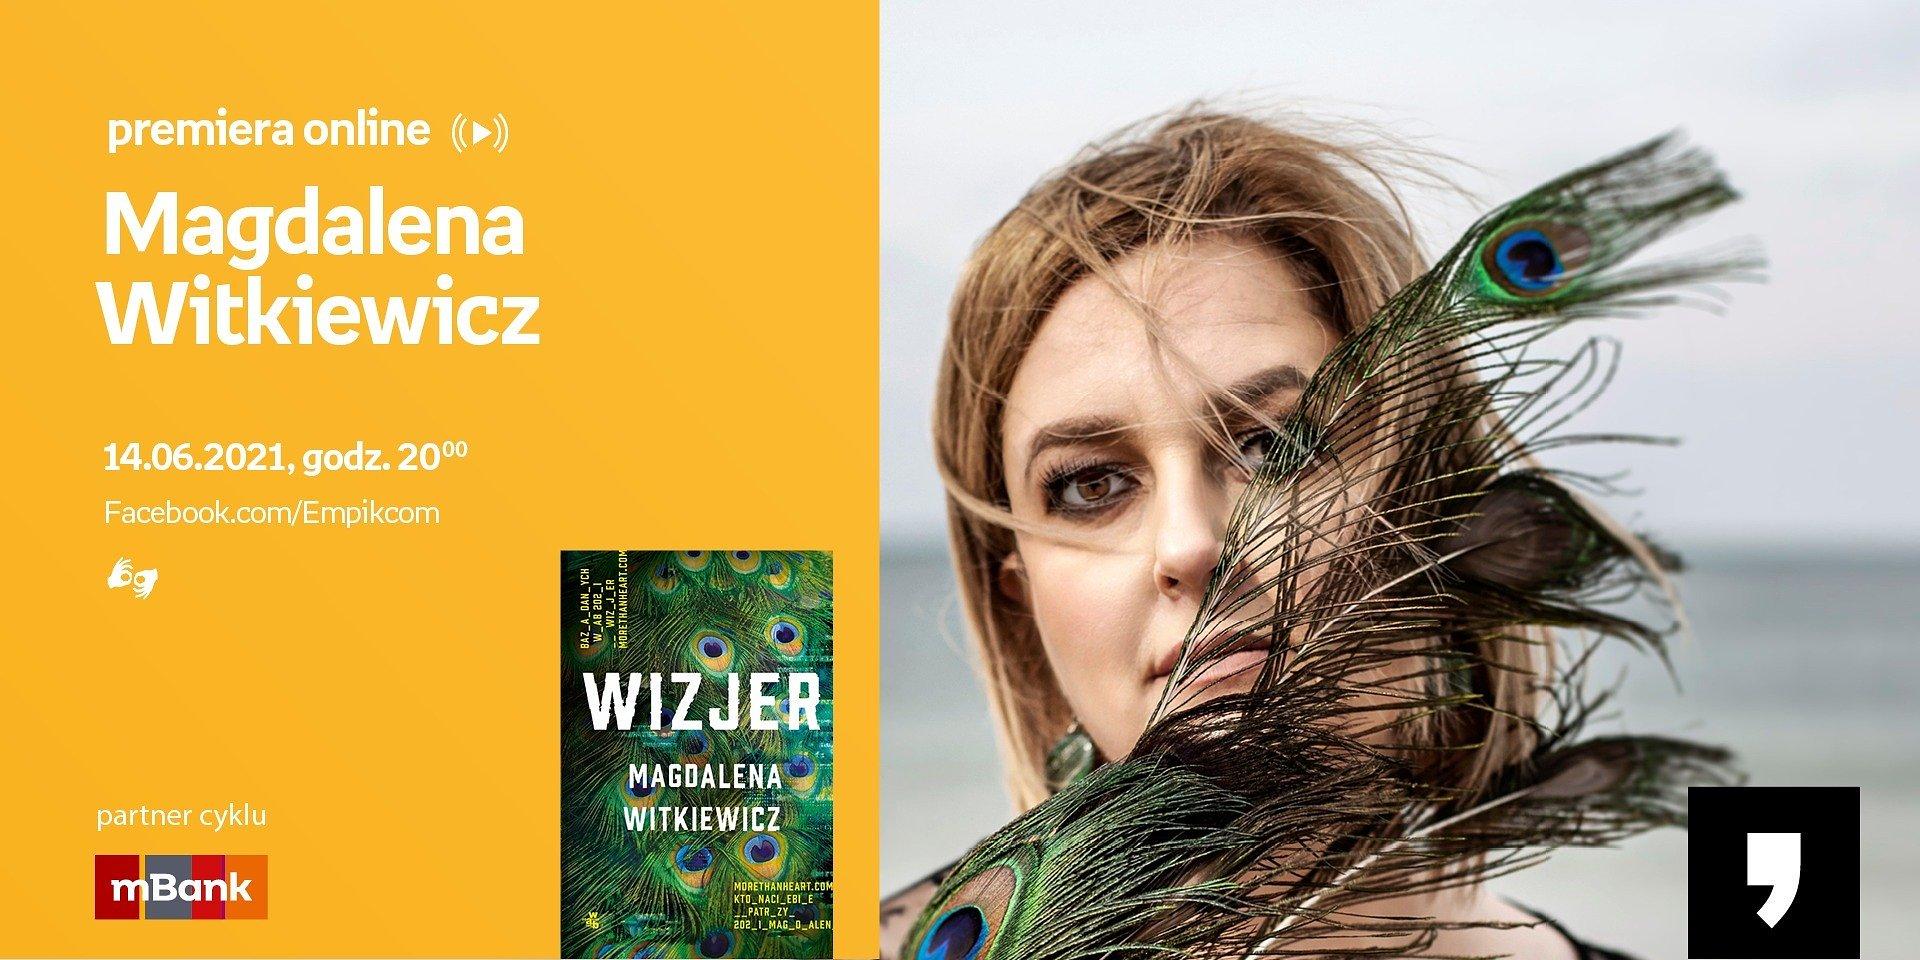 Witkiewicz, Maciąg, Moś i inni – spotkania autorskie online wokół inspirujących letnich premier